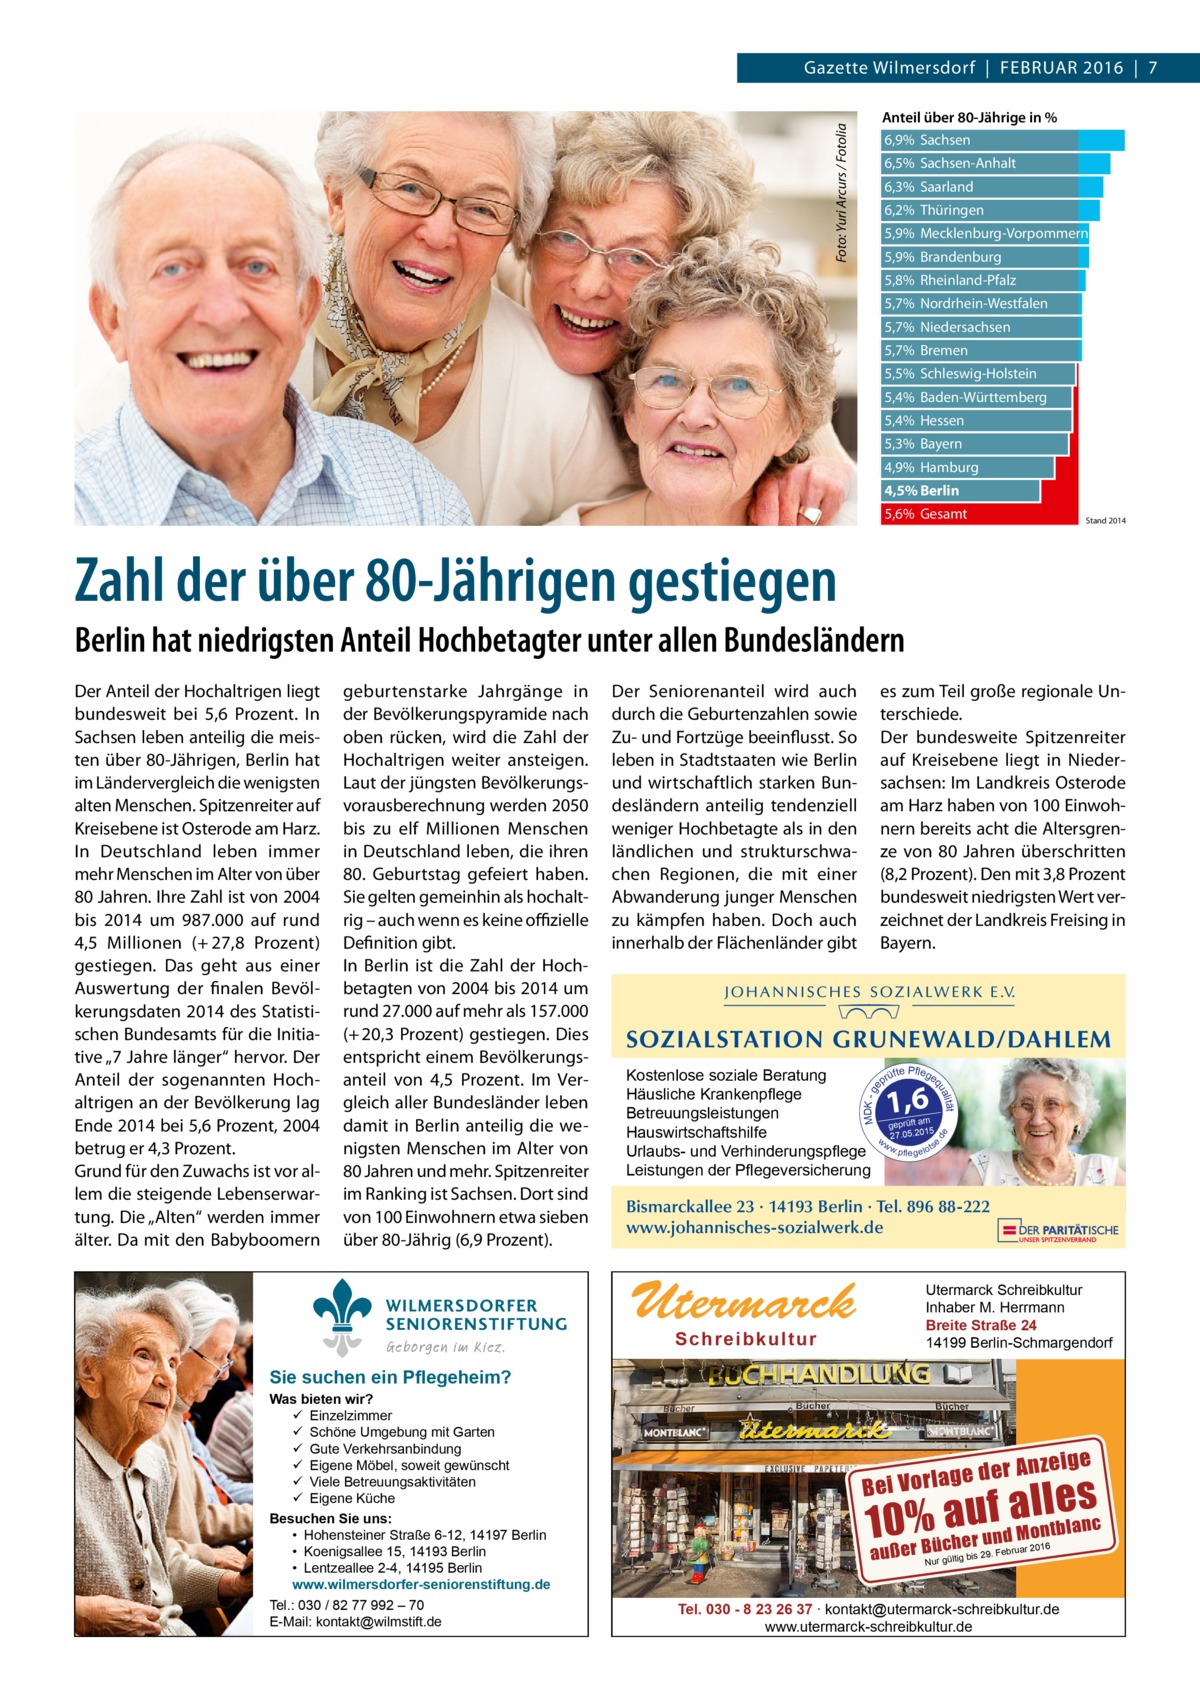 Gazette Wilmersdorf FebruAr 2016 7 Foto: Yuri Arcurs / Fotolia  Anteil über 80-Jährige in % 6,9% Sachsen 6,5% Sachsen-Anhalt 6,3% Saarland 6,2% Thüringen 5,9% Mecklenburg-Vorpommern 5,9% Brandenburg 5,8% Rheinland-Pfalz 5,7% Nordrhein-Westfalen 5,7% Niedersachsen 5,7% Bremen 5,5% Schleswig-Holstein 5,4% Baden-Württemberg 5,4% Hessen 5,3% Bayern 4,9% Hamburg 4,5% Berlin 5,6% Gesamt  Stand 2014  Zahl der über 80-Jährigen gestiegen Berlin hat niedrigsten Anteil Hochbetagter unter allen Bundesländern  WILMERSDORFER SENIORENSTIFTUNG Geborgen im Kiez.  Der Seniorenanteil wird auch durch die Geburtenzahlen sowie Zu- und Fortzüge beeinflusst. So leben in Stadtstaaten wie berlin und wirtschaftlich starken bundesländern anteilig tendenziell weniger Hochbetagte als in den ländlichen und strukturschwachen regionen, die mit einer Abwanderung junger Menschen zu kämpfen haben. Doch auch innerhalb der Flächenländer gibt  es zum Teil große regionale unterschiede. Der bundesweite Spitzenreiter auf Kreisebene liegt in Niedersachsen: Im Landkreis Osterode am Harz haben von 100einwohnern bereits acht die Altersgrenze von 80 Jahren überschritten (8,2Prozent). Den mit 3,8Prozent bundesweit niedrigsten Wert verzeichnet der Landkreis Freising in bayern.  SOZIALSTATION GRUNEWALD/DAHLEM Kostenlose soziale Beratung Häusliche Krankenpflege Betreuungsleistungen Hauswirtschaftshilfe Urlaubs- und Verhinderungspflege Leistungen der Pflegeversicherung  MDK - g e  P üfte flege pr  1,6  de  geprüft am 5.2015 w 27.0 ww s . p fl e g e l o t  e.  geburtenstarke Jahrgänge in der bevölkerungspyramide nach oben rücken, wird die Zahl der Hochaltrigen weiter ansteigen. Laut der jüngsten bevölkerungsvorausberechnung werden 2050 bis zu elf Millionen Menschen in Deutschland leben, die ihren 80. Geburtstag gefeiert haben. Sie gelten gemeinhin als hochaltrig – auch wenn es keine offizielle Definition gibt. In berlin ist die Zahl der Hochbetagten von 2004 bis 2014 um rund 27.000 auf mehr als 157.000 (+ 20,3Prozent)